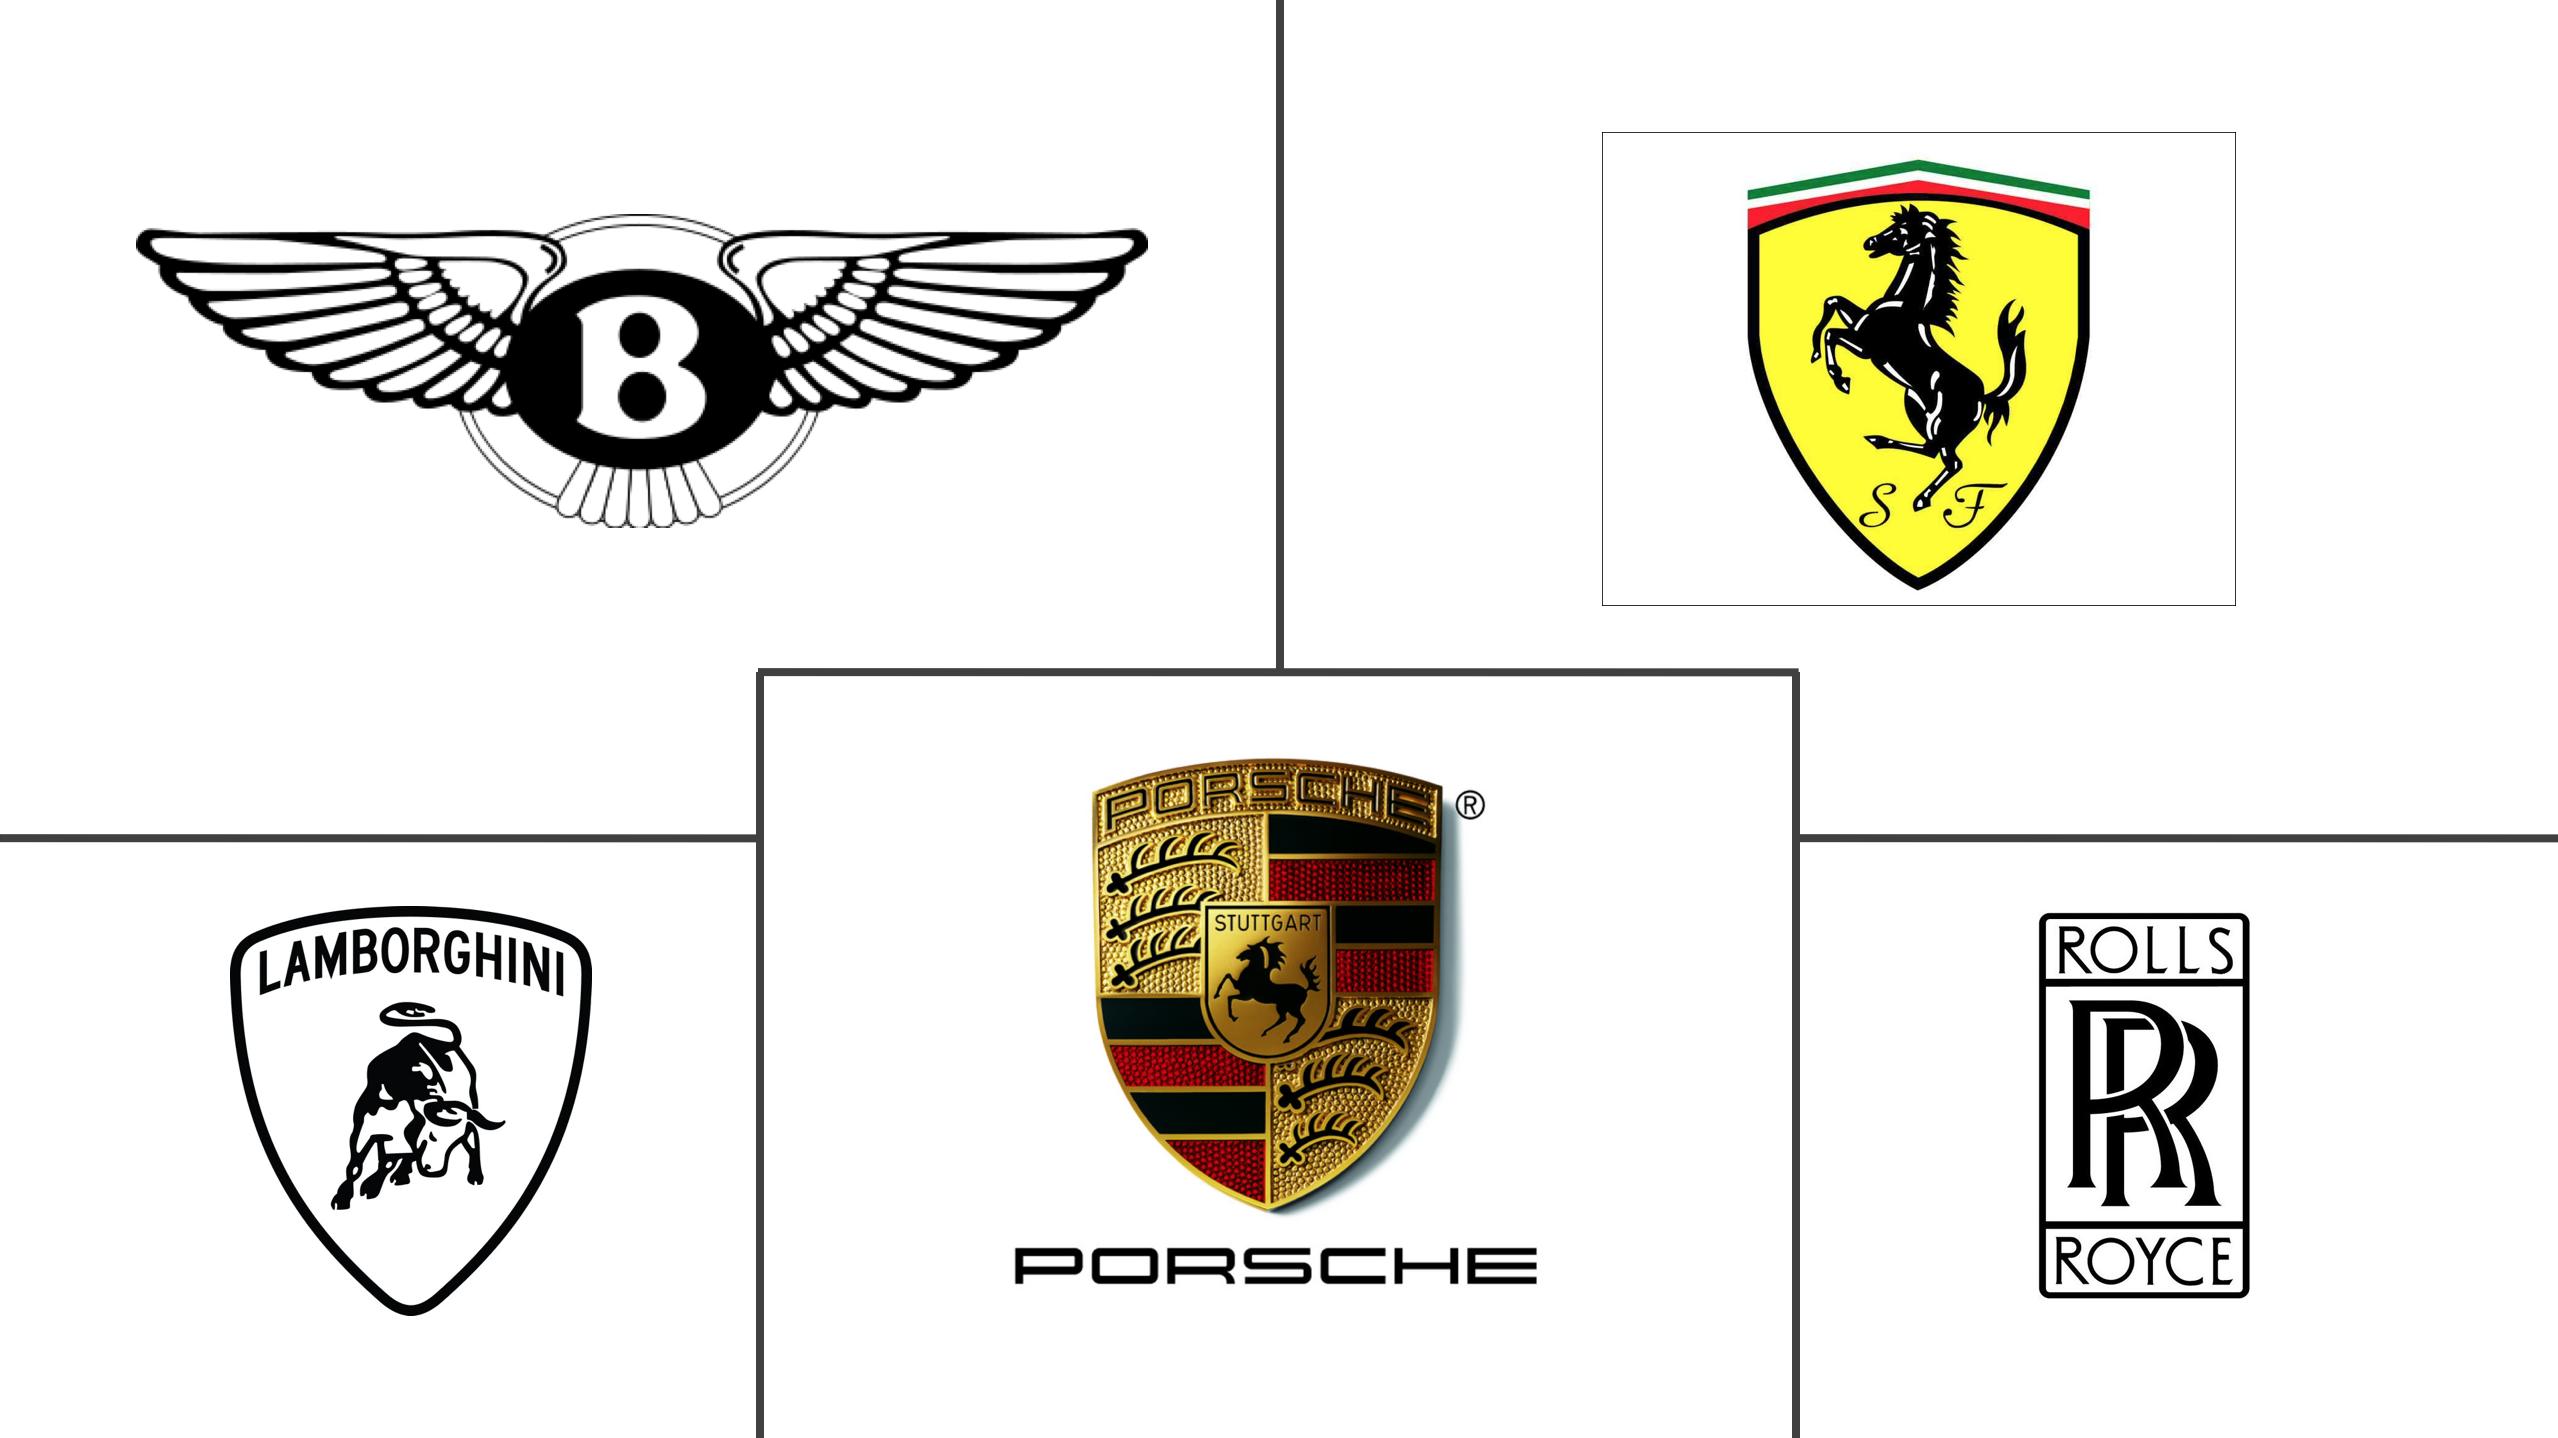 Descubre qué significan los logos de las marcas de autos